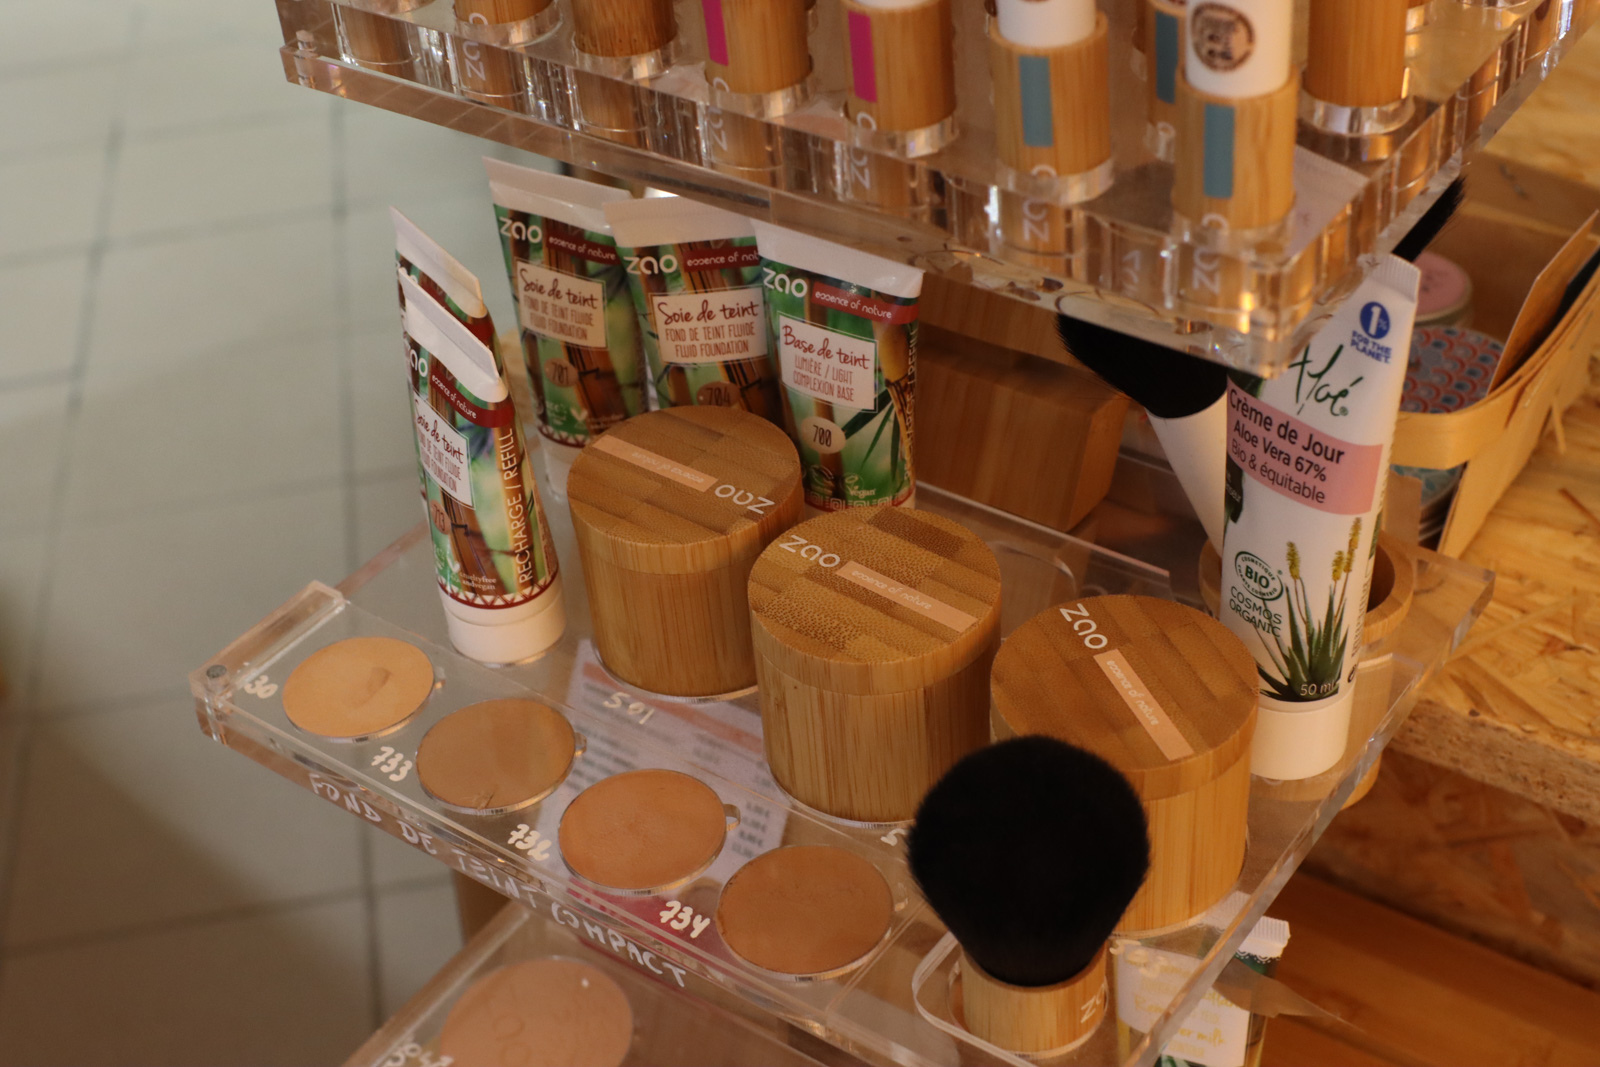 Maquillage 0 déchet dans le Gard